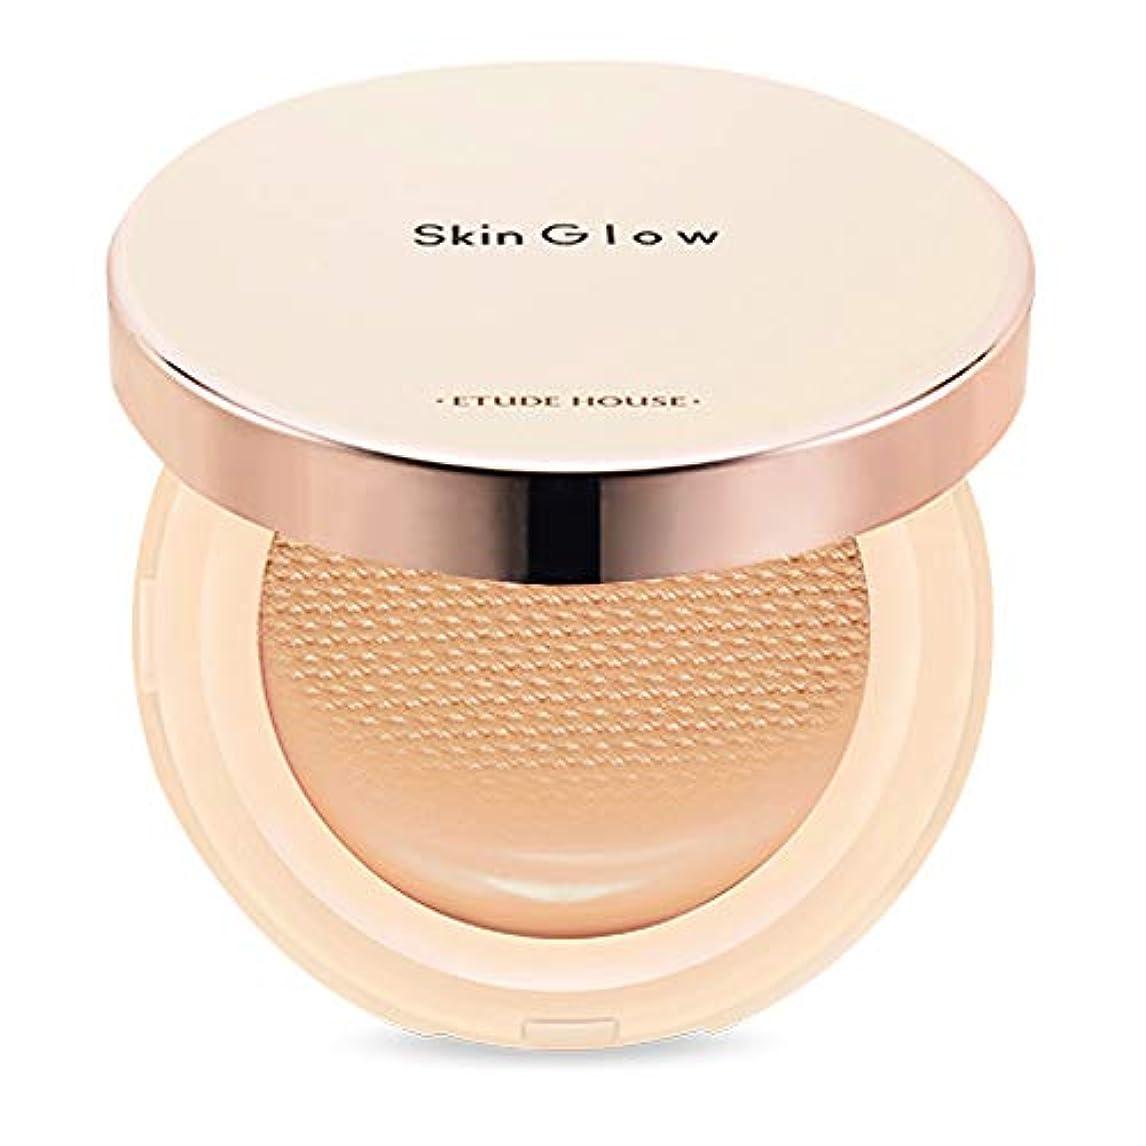 百科事典裁判官検出するEtude House Skin Glow Essence Cushion SPF50+/PA++++ エチュードハウス スキン グロー エッセンス クッション (# N05 Sand) [並行輸入品]